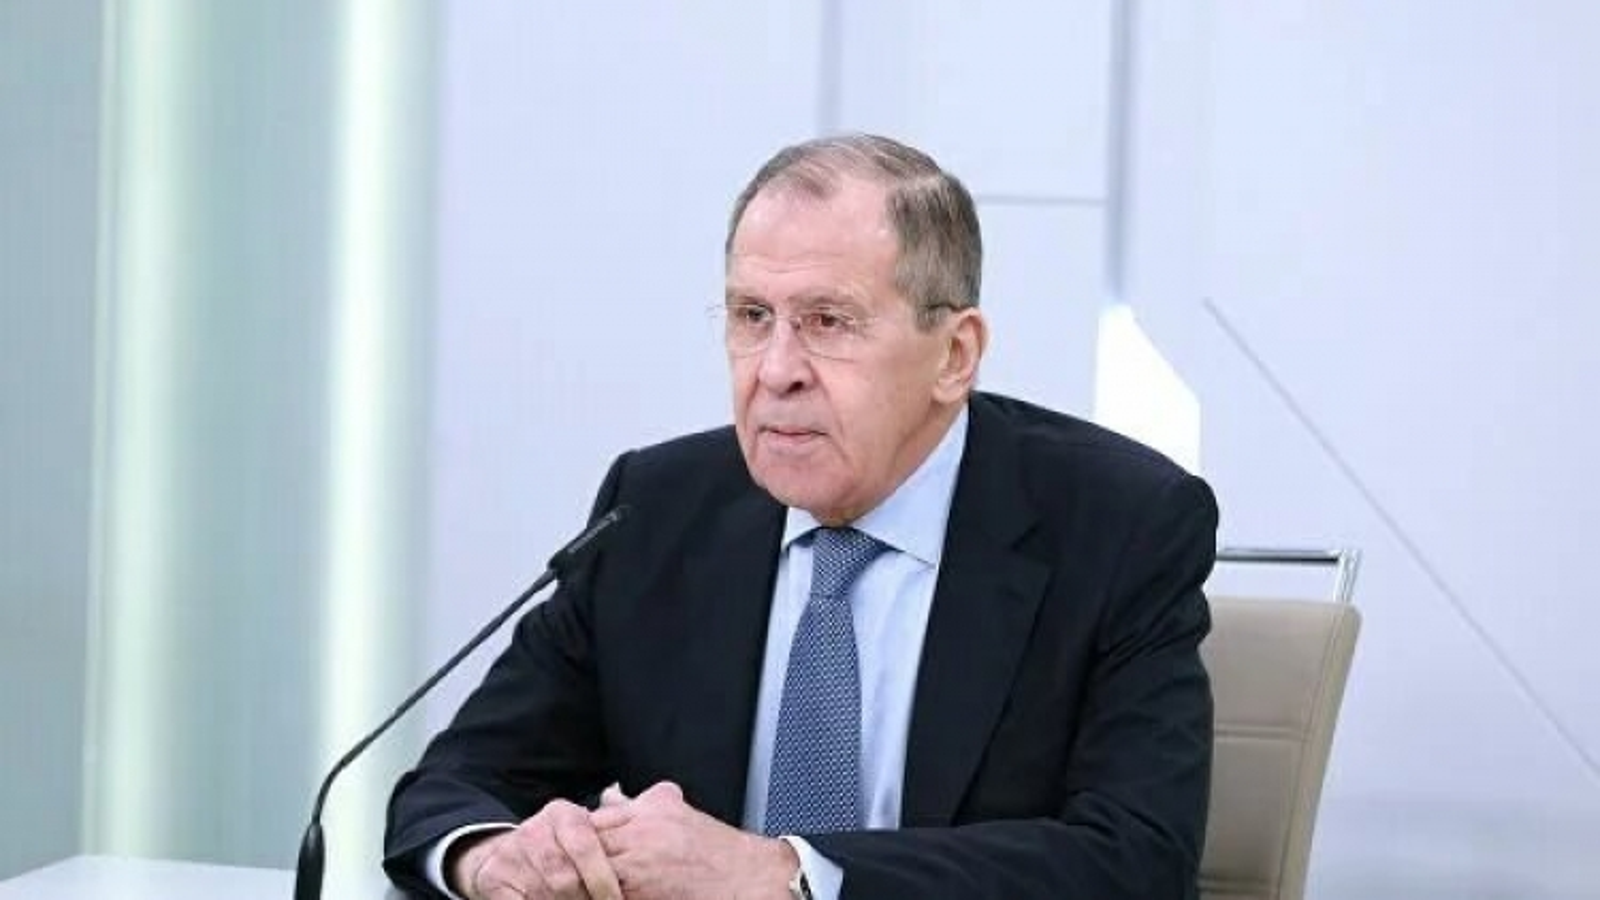 Ngoại trưởng Lavrov: Nga - Trung cần từ bỏ hệ thống thanh toán do phương Tây kiểm soát